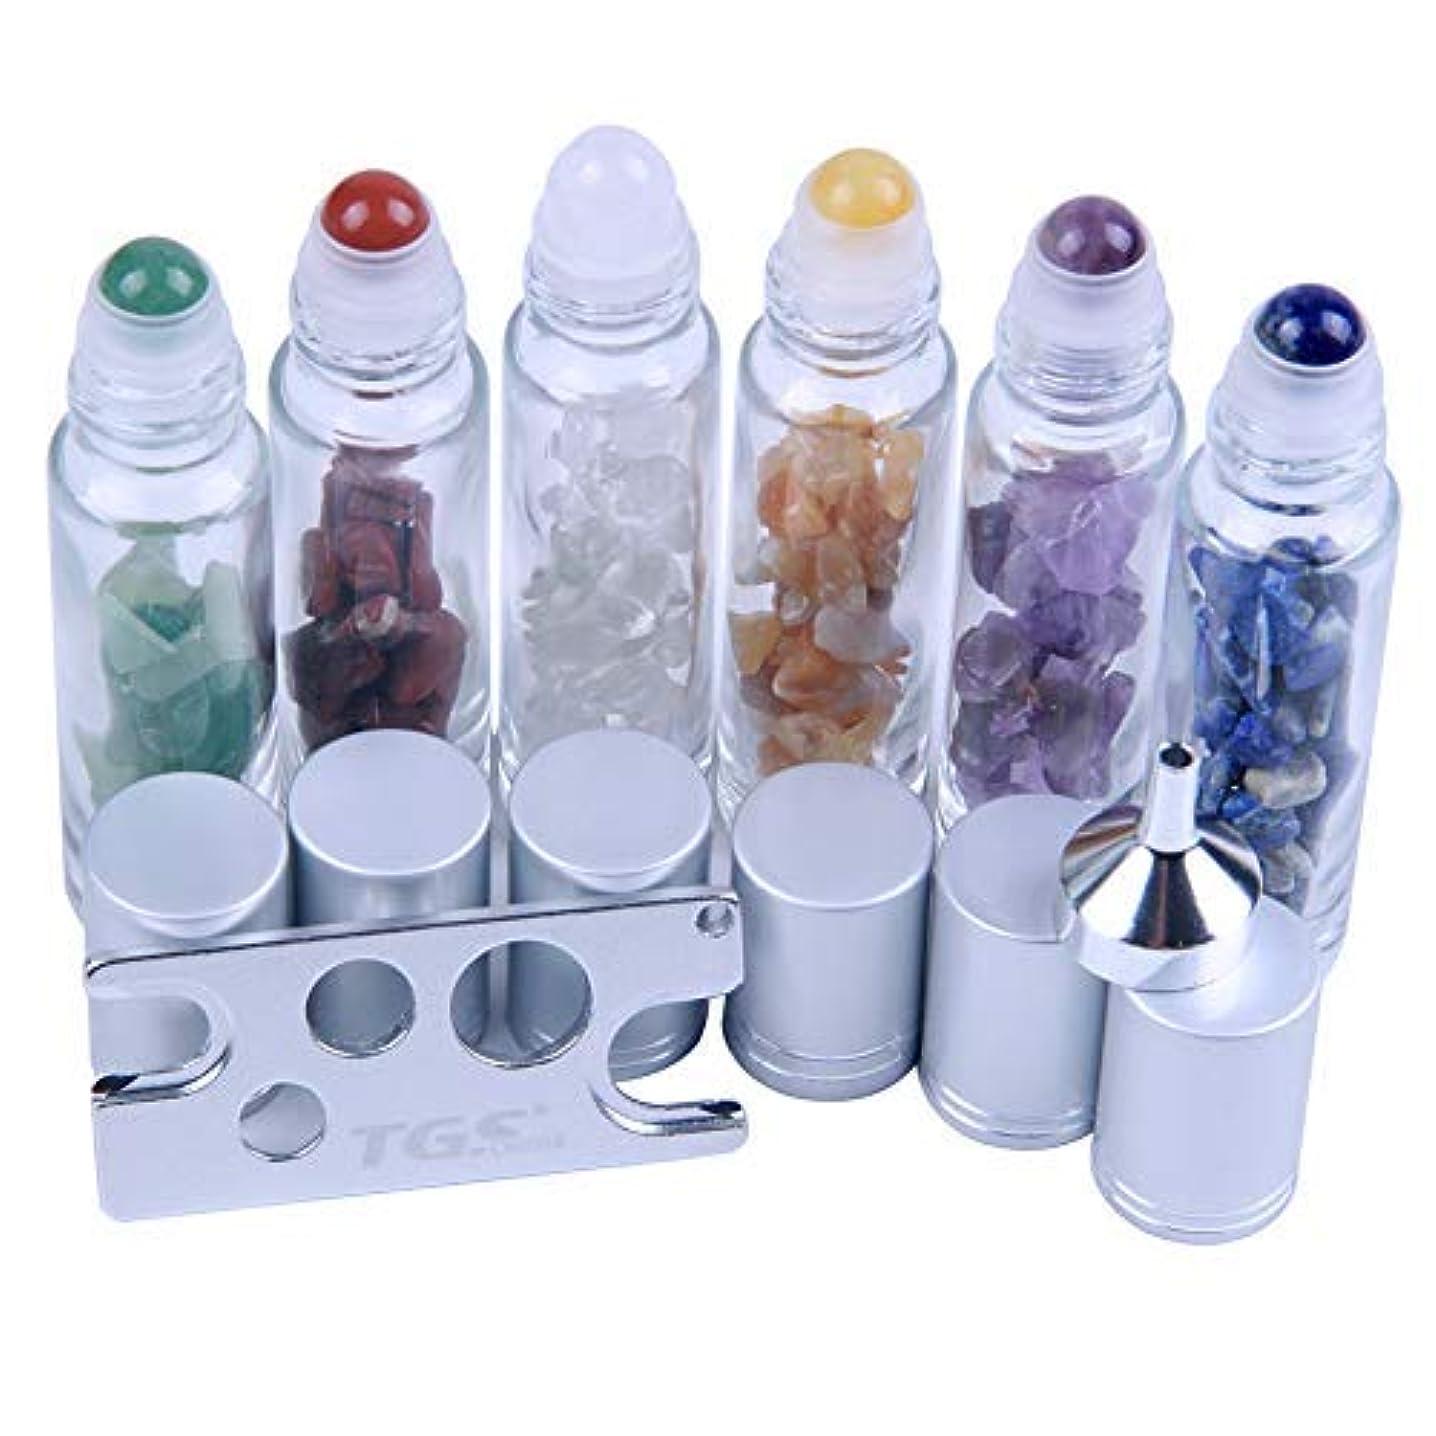 免疫海外で表面10 ml Roller Balls for Essential Oils - Small Glass Roller Bottles with Decorative Tops & Mini Tumbled Gemstone...